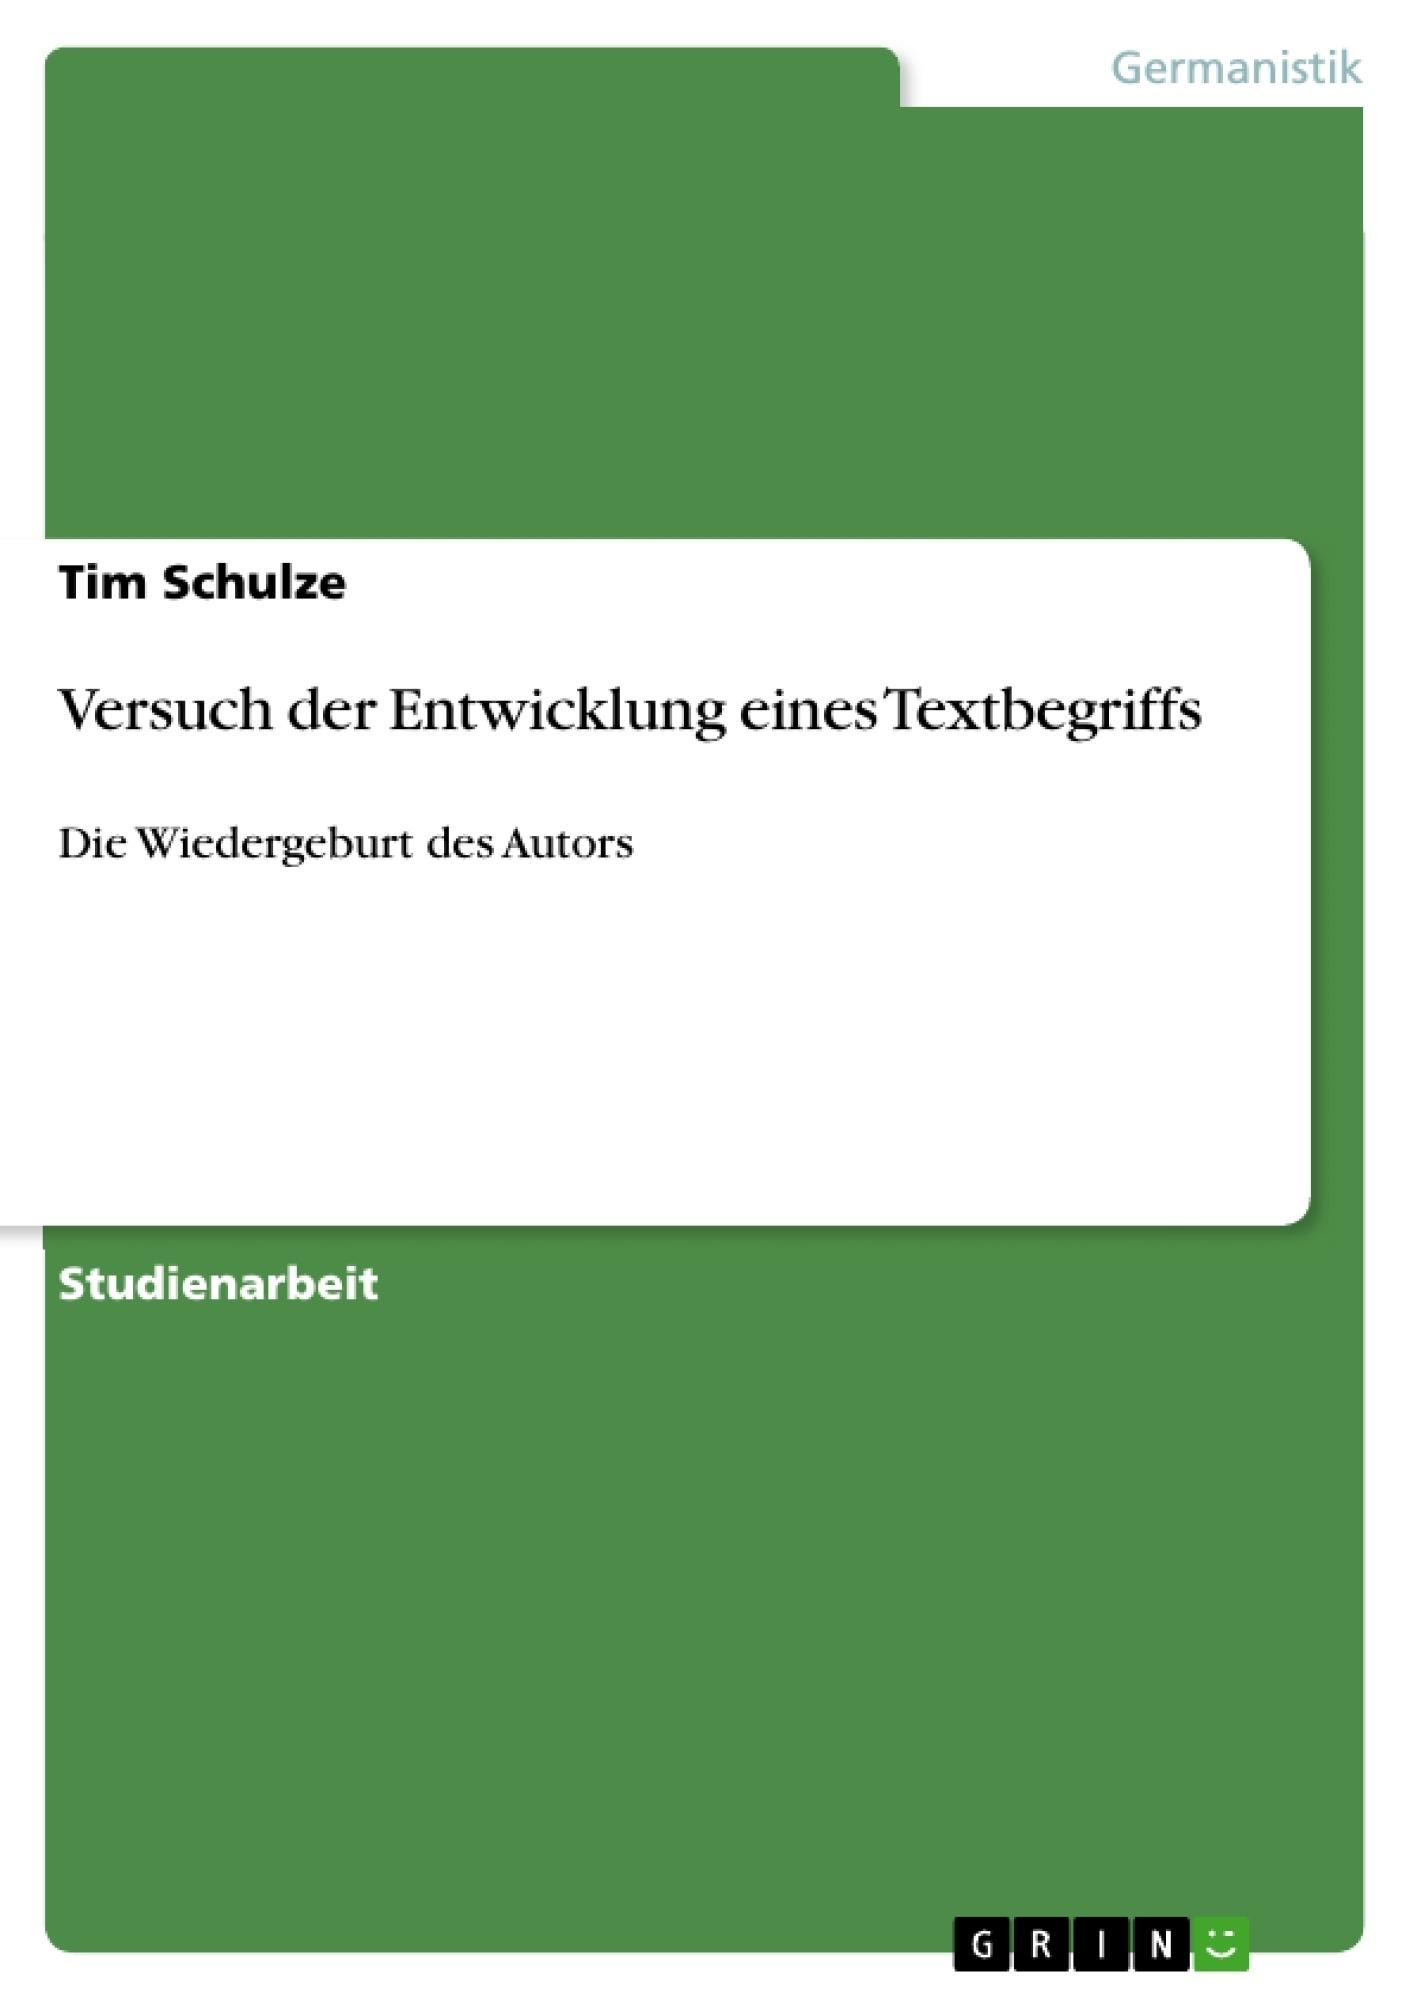 Titel: Versuch der Entwicklung eines Textbegriffs